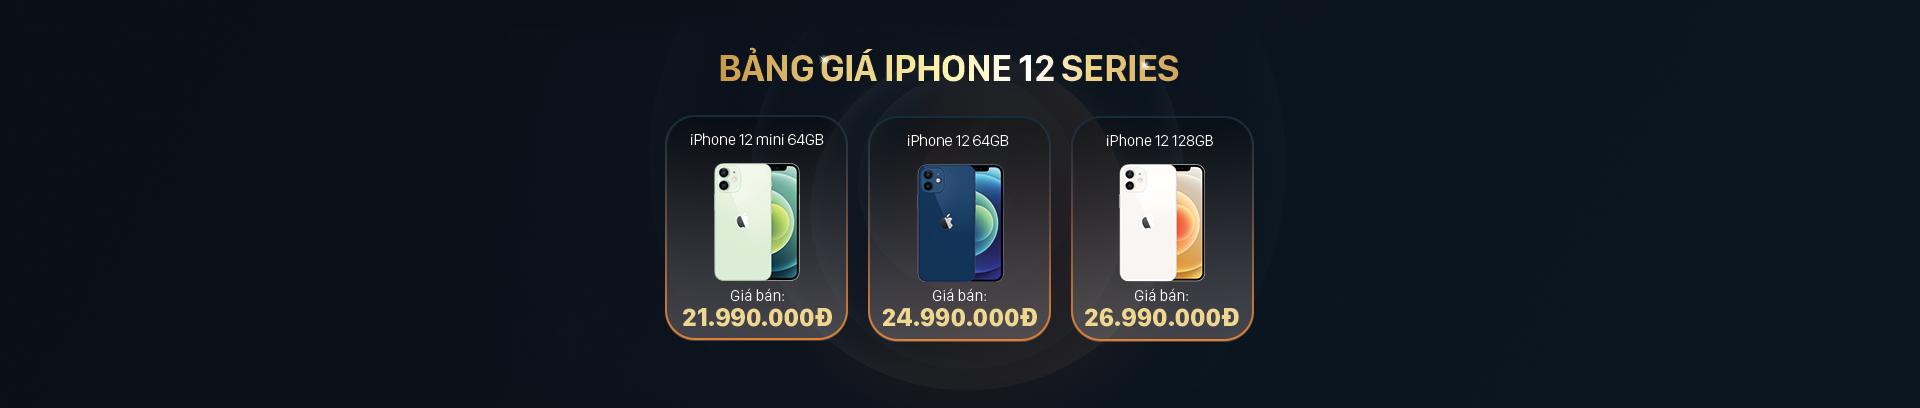 bảng giá điện thoại iphone 12